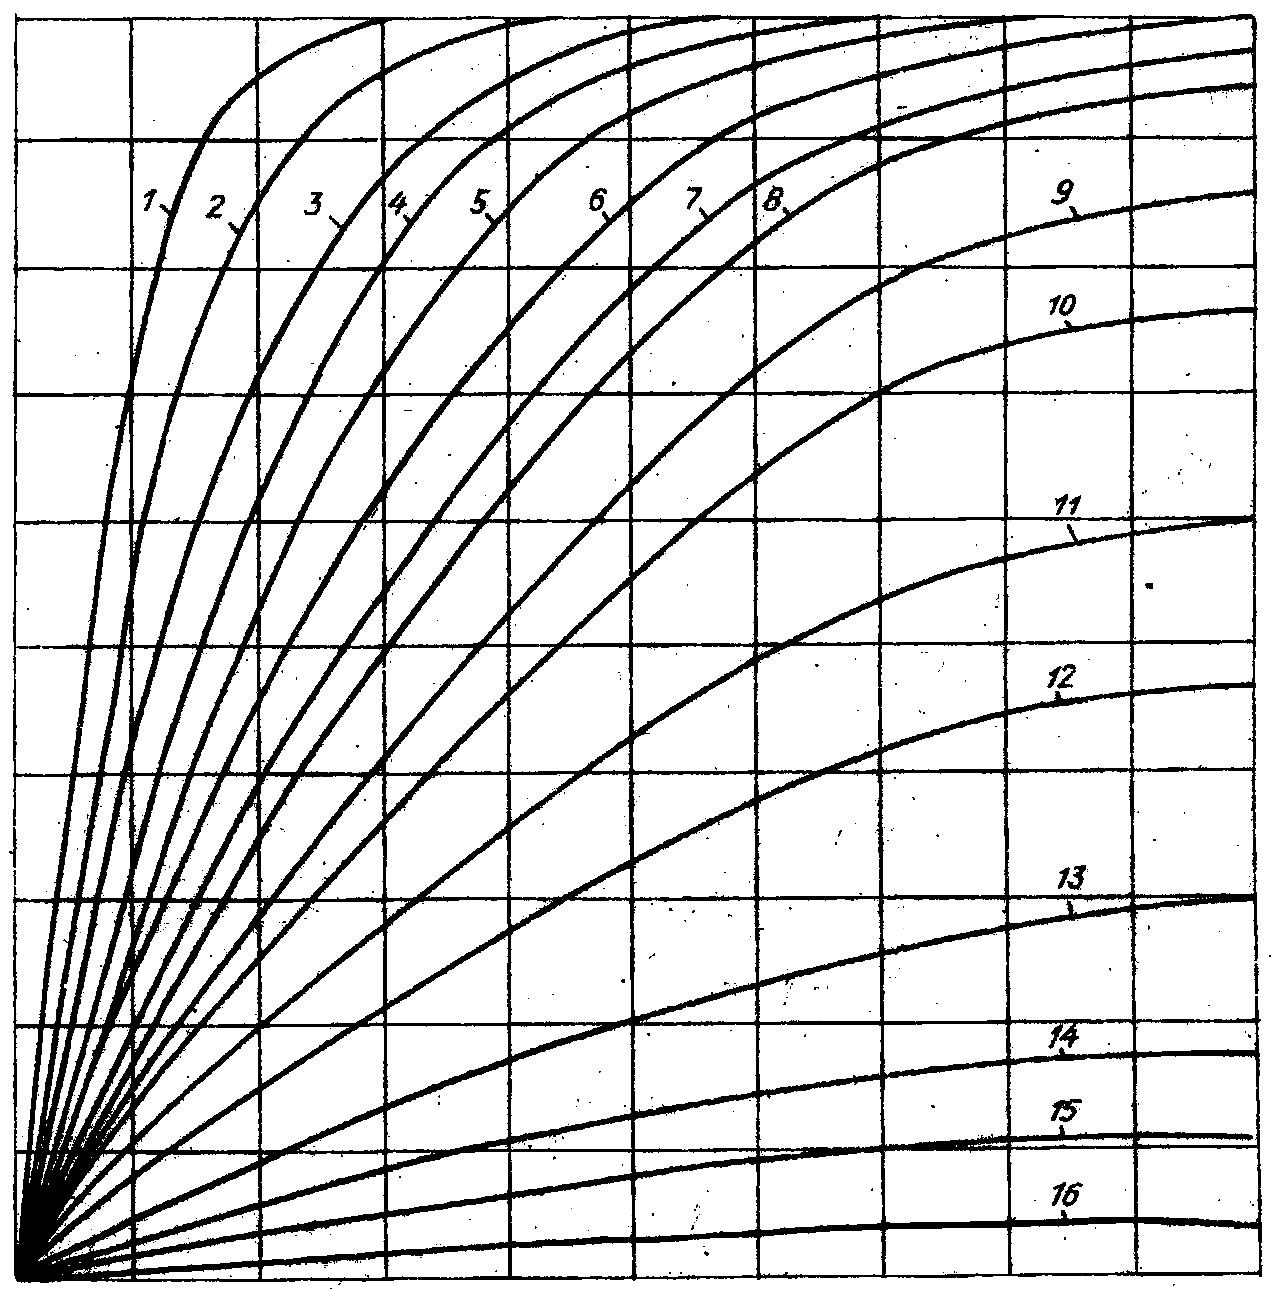 Номограмма бетон безусадочная быстротвердеющие бетонные смеси